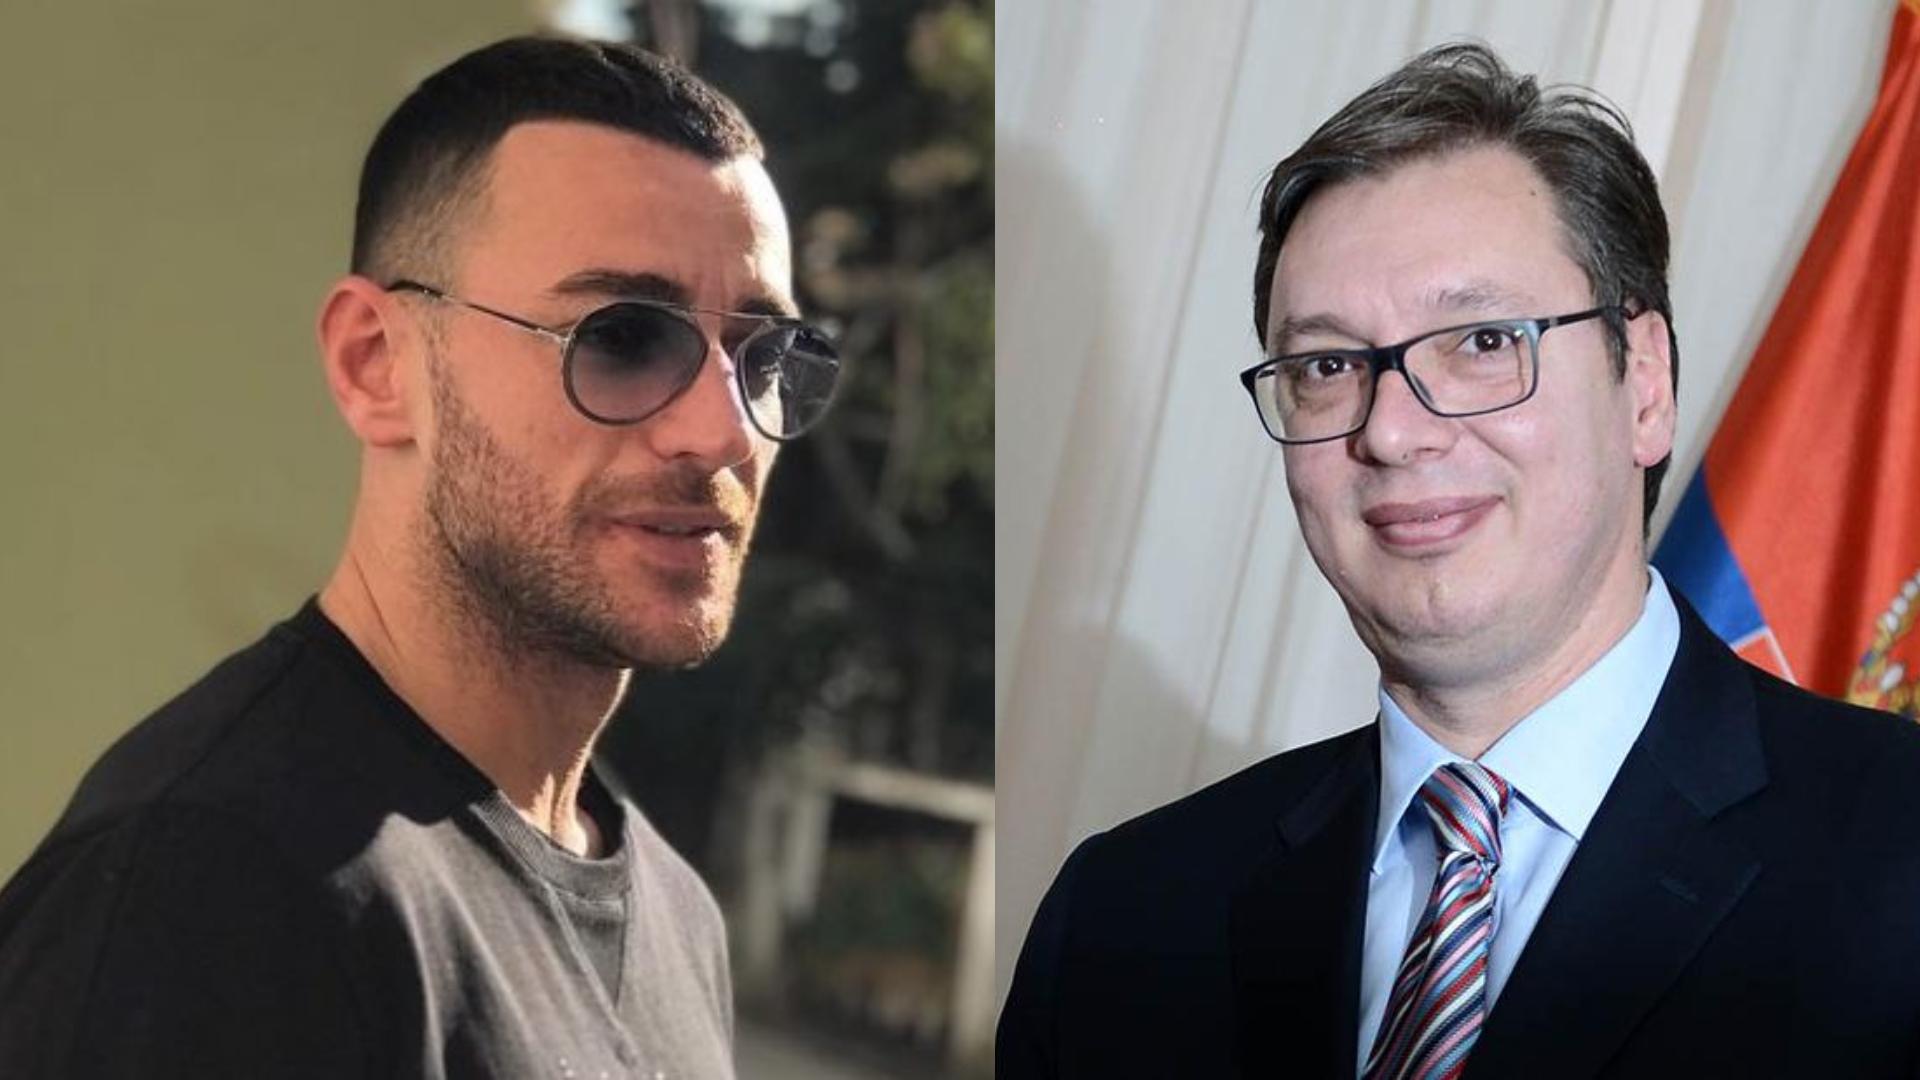 Me gishtin e mesit te harta, Stresi mesazh të drejtëpërdrejtë Vuçiçit: Na e ktheve me armë